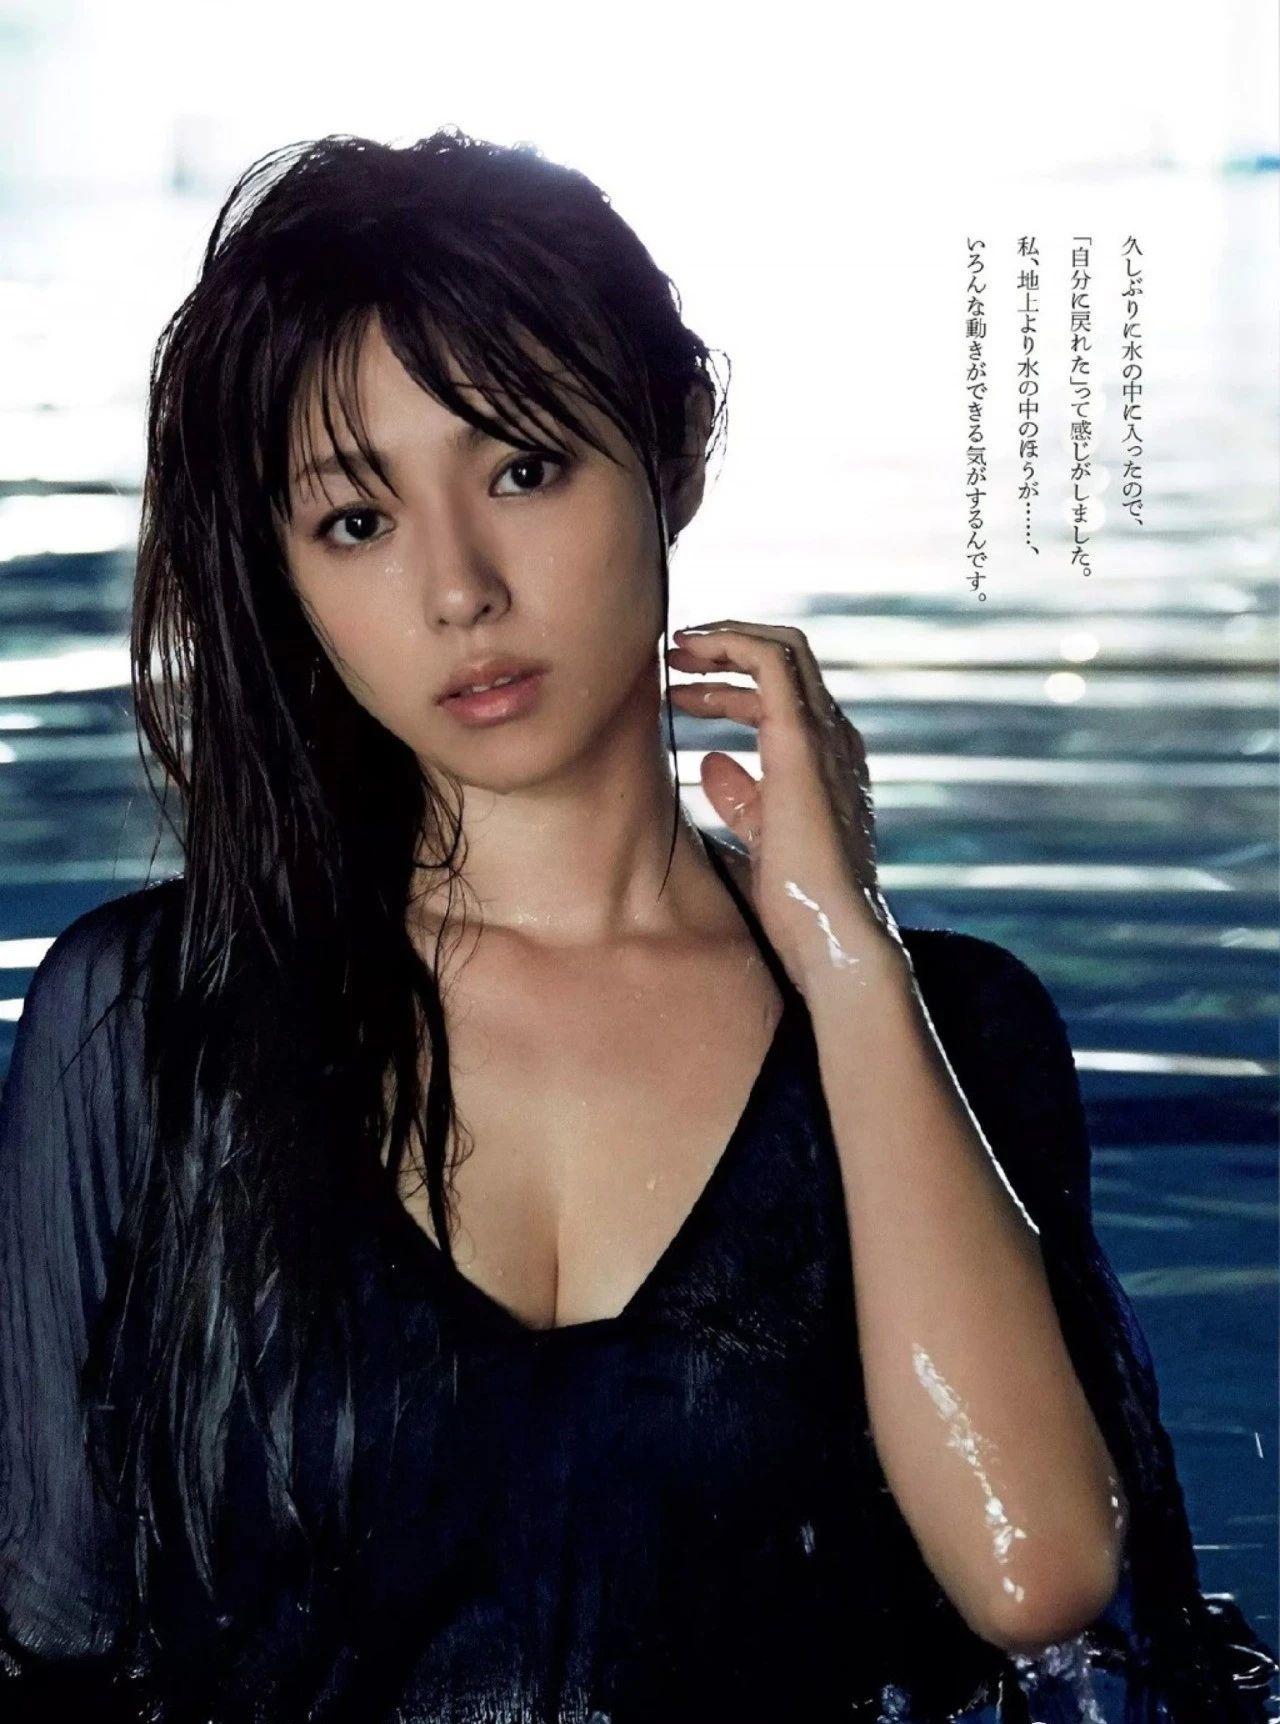 冻龄美女深田恭子身形暴瘦纷纷猜测是因为感情问题 (5)